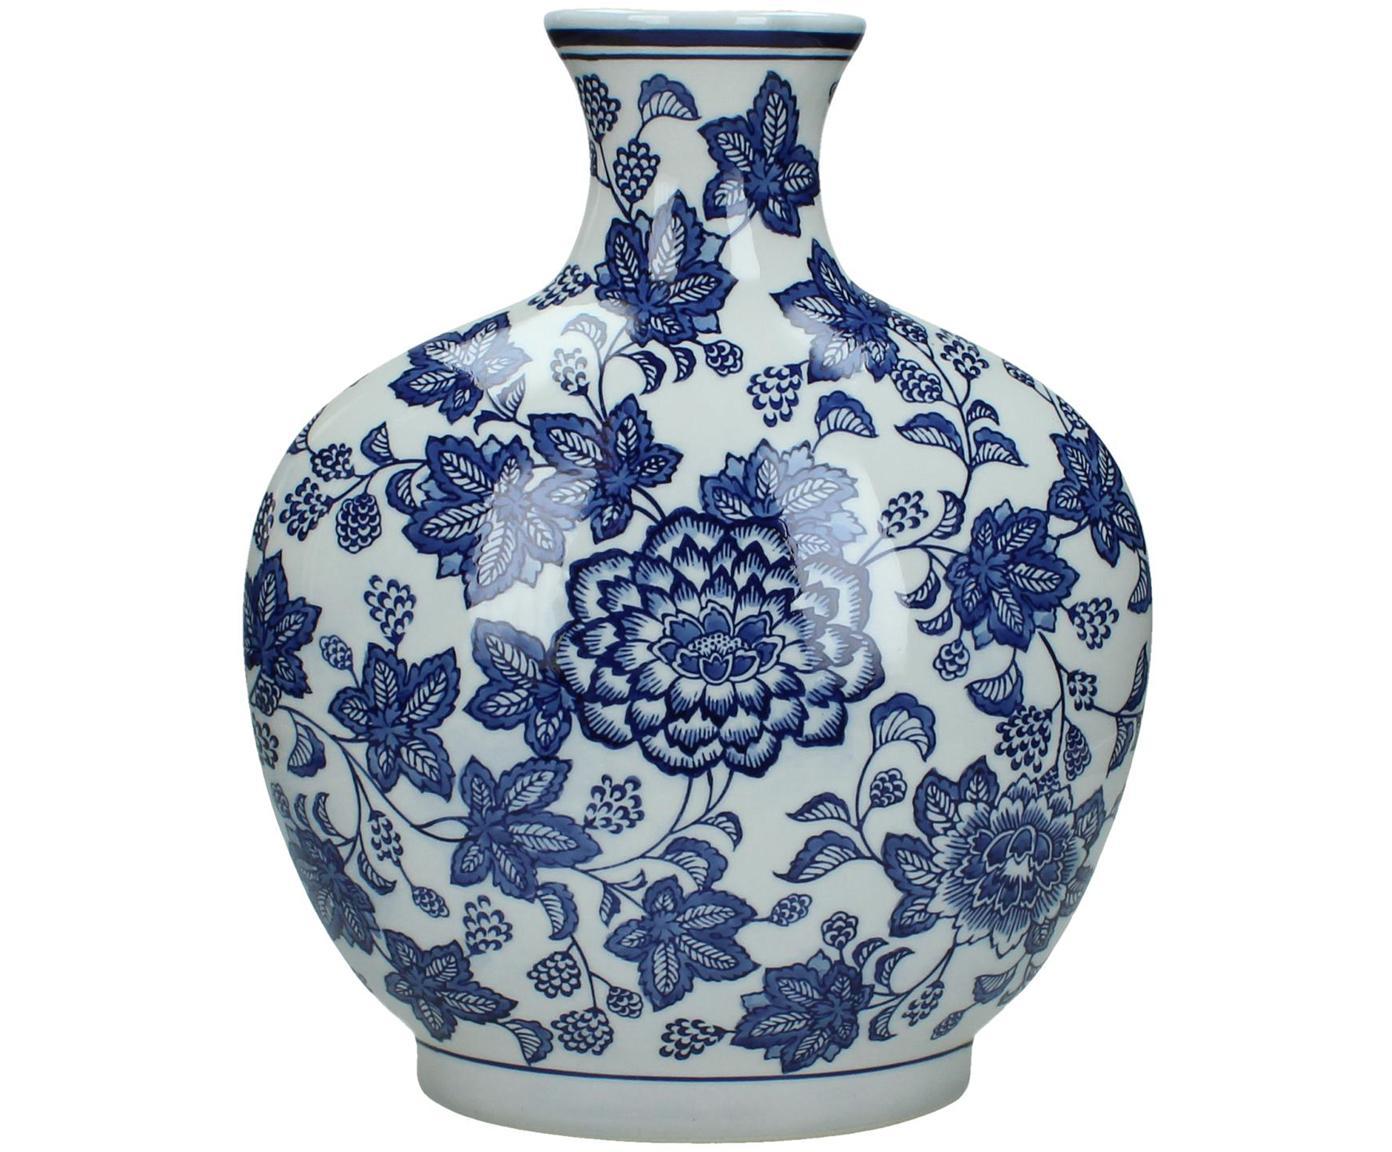 Jarrón de cerámica Blue Flowers, Cerámica, Blanco crudo, azul, An 26 x Al 32 cm